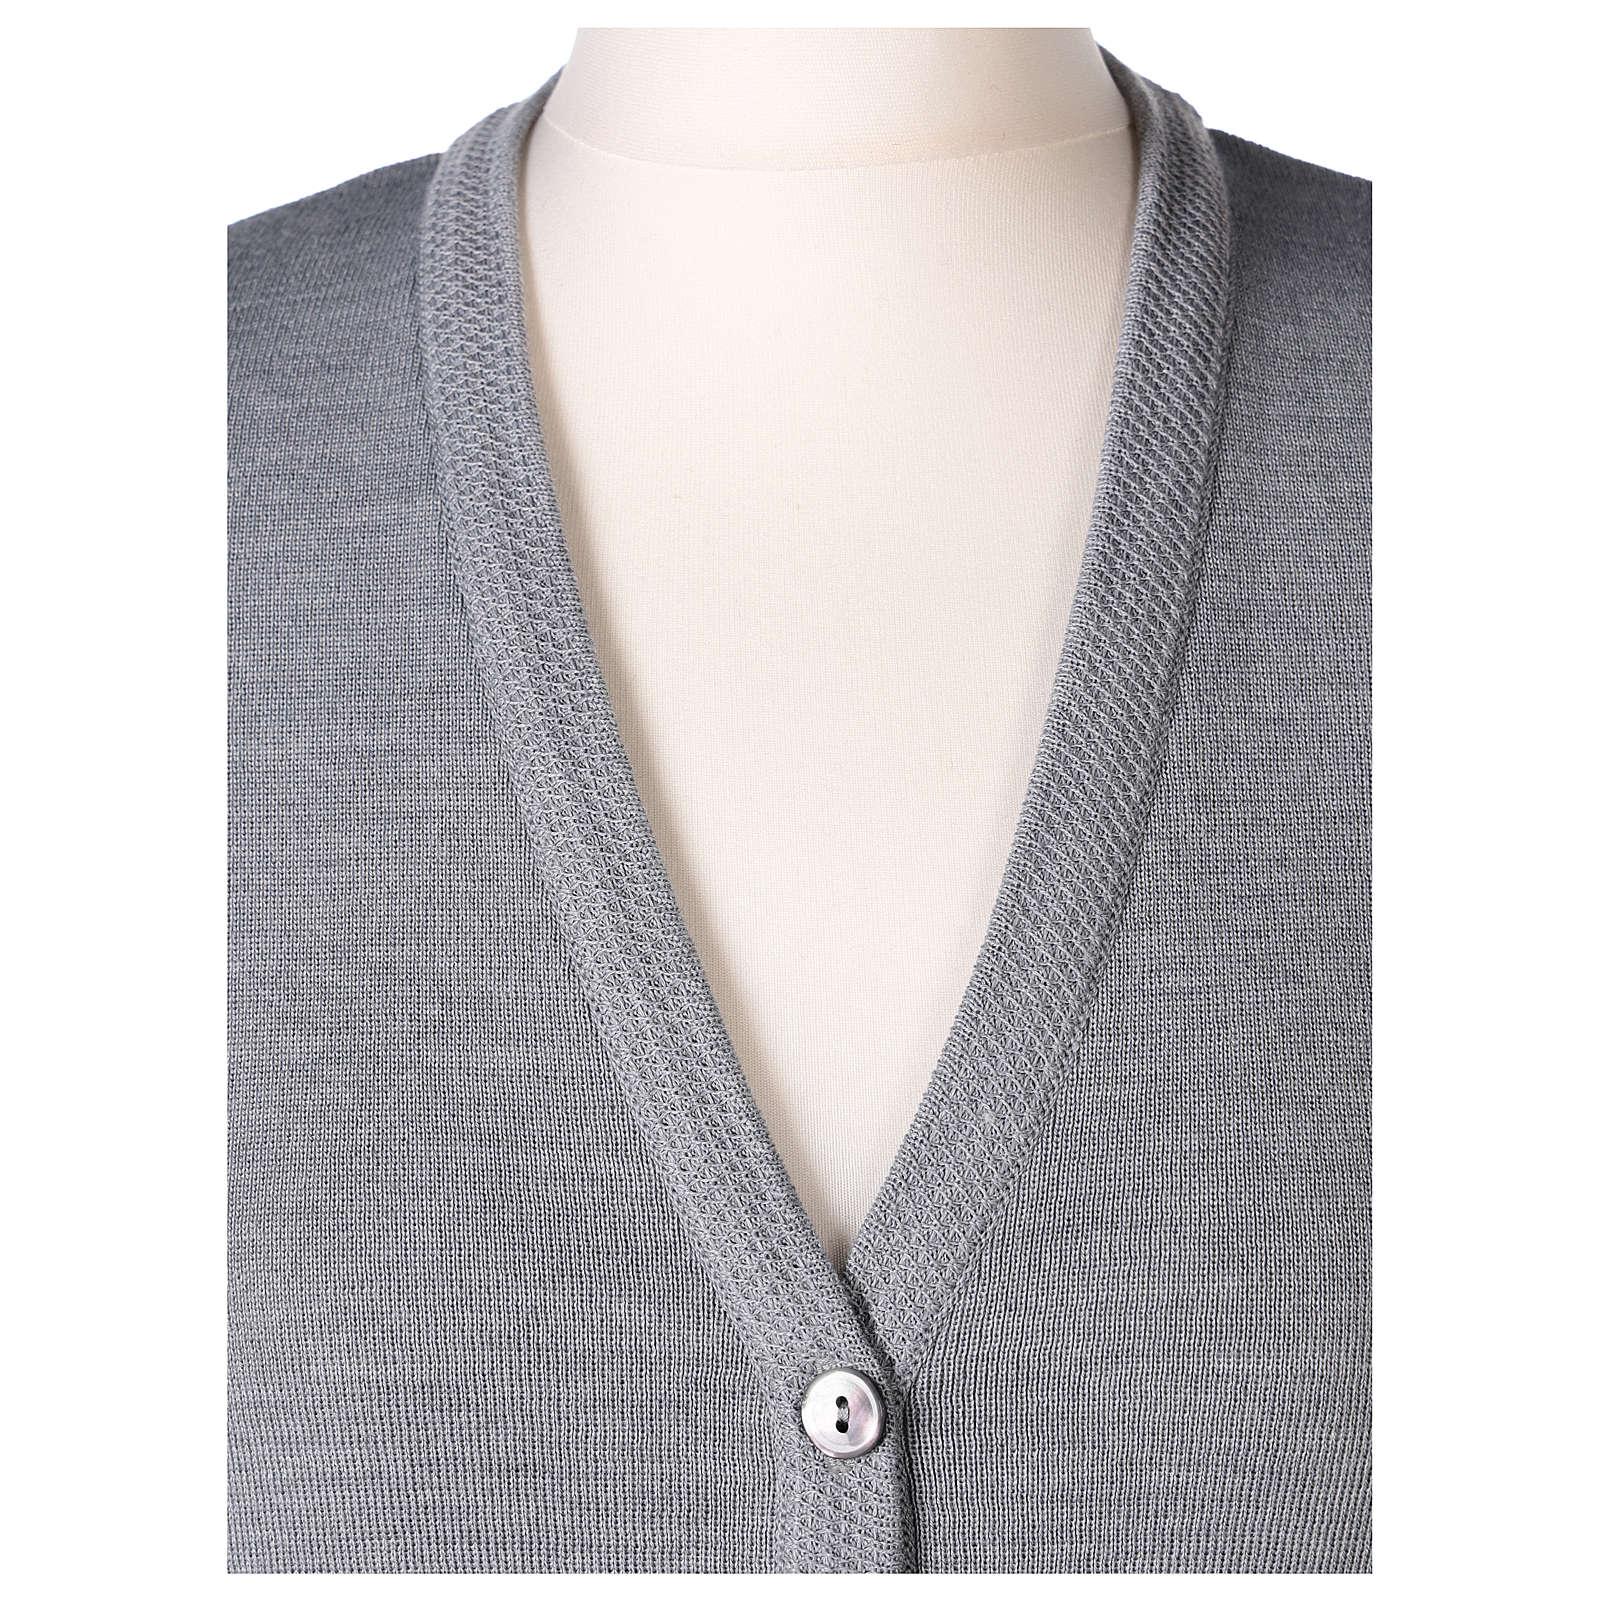 Gilet grigio perla suora con tasche collo a V 50% acrilico 50% lana merino In Primis 4